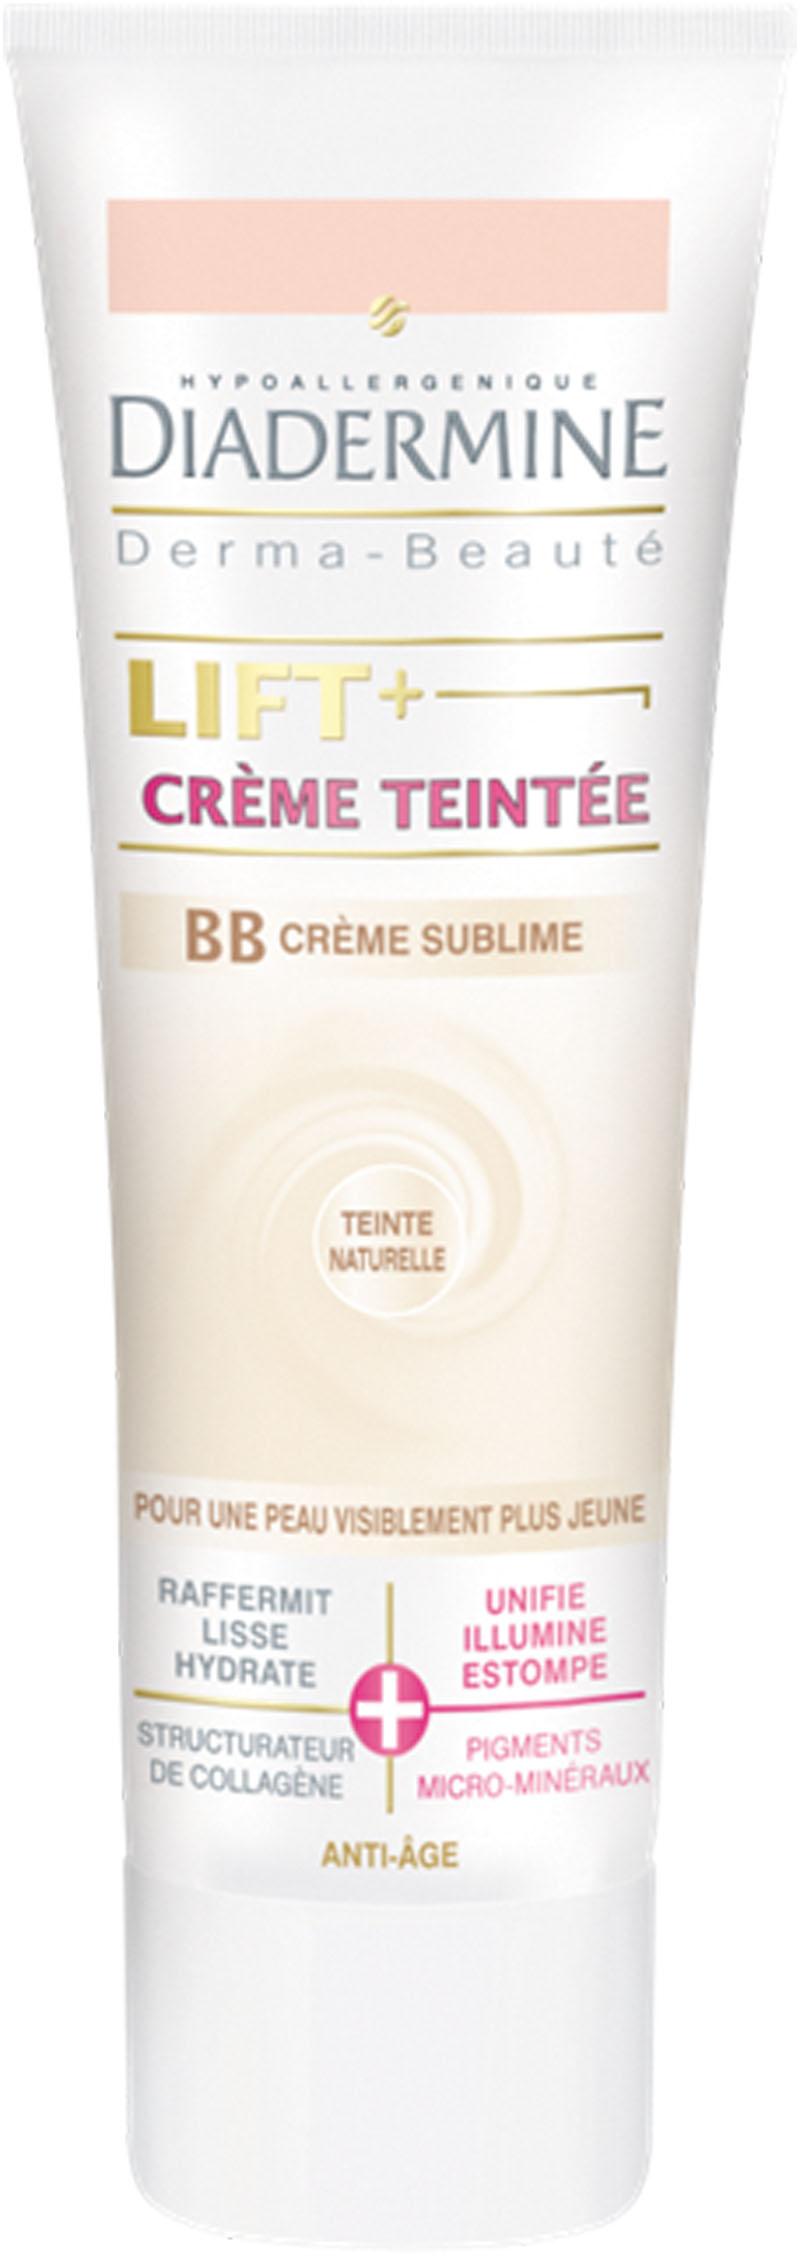 Lift + Crème Teintée BB Crème Sublime: Lift + Crème Teintée BB Crème Sublime offre à la peau six bénéfices en un seul geste. Sa formule allie un soin anti-âge intense à un soin    perfecteur de teint, pour un teint lumineux et sans défaut.  Lift + Crème Teintée BB Crème Sublime raffermit, lisse et hydrate. Sa formule au structurateur de collagène stimule la synthèse de collagène pour une peau plus ferme et plus élastique. La texture unique de cette crème teintée est enrichie en pigments micro-minéraux qui estompent cernes et imperfections pour un teint lumineux, sans défaut et un effet bonne mine naturel. Il unifie, illumine et estompe.